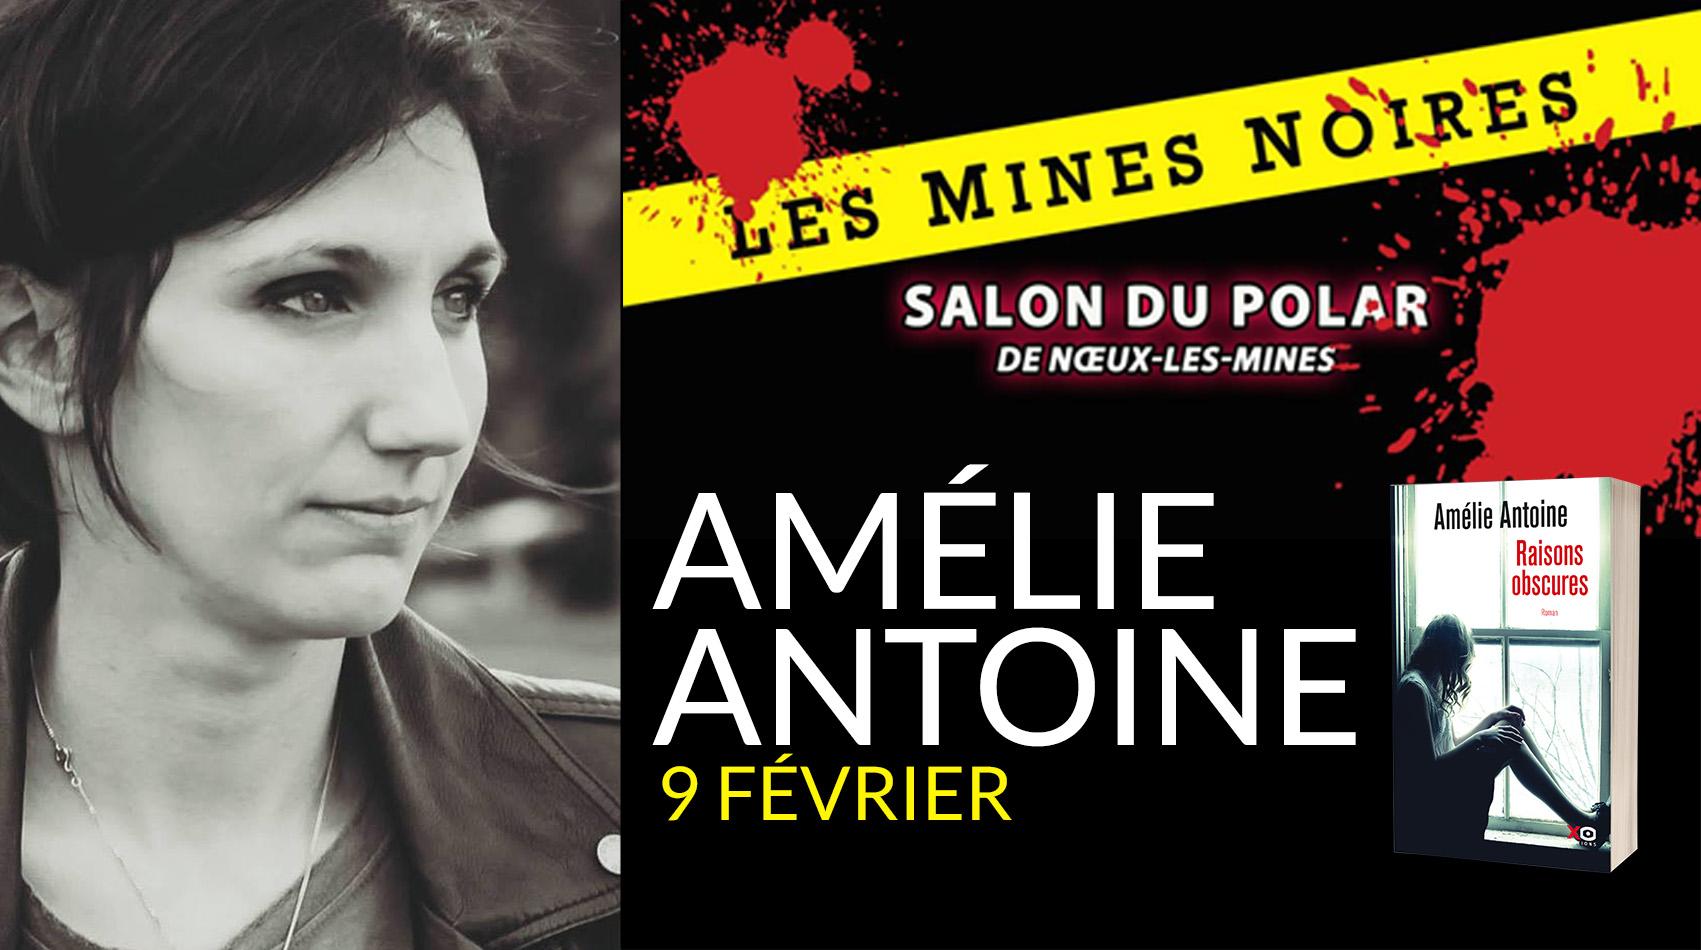 AMÉLIE ANTOINE AU SALON DES MINES NOIRES